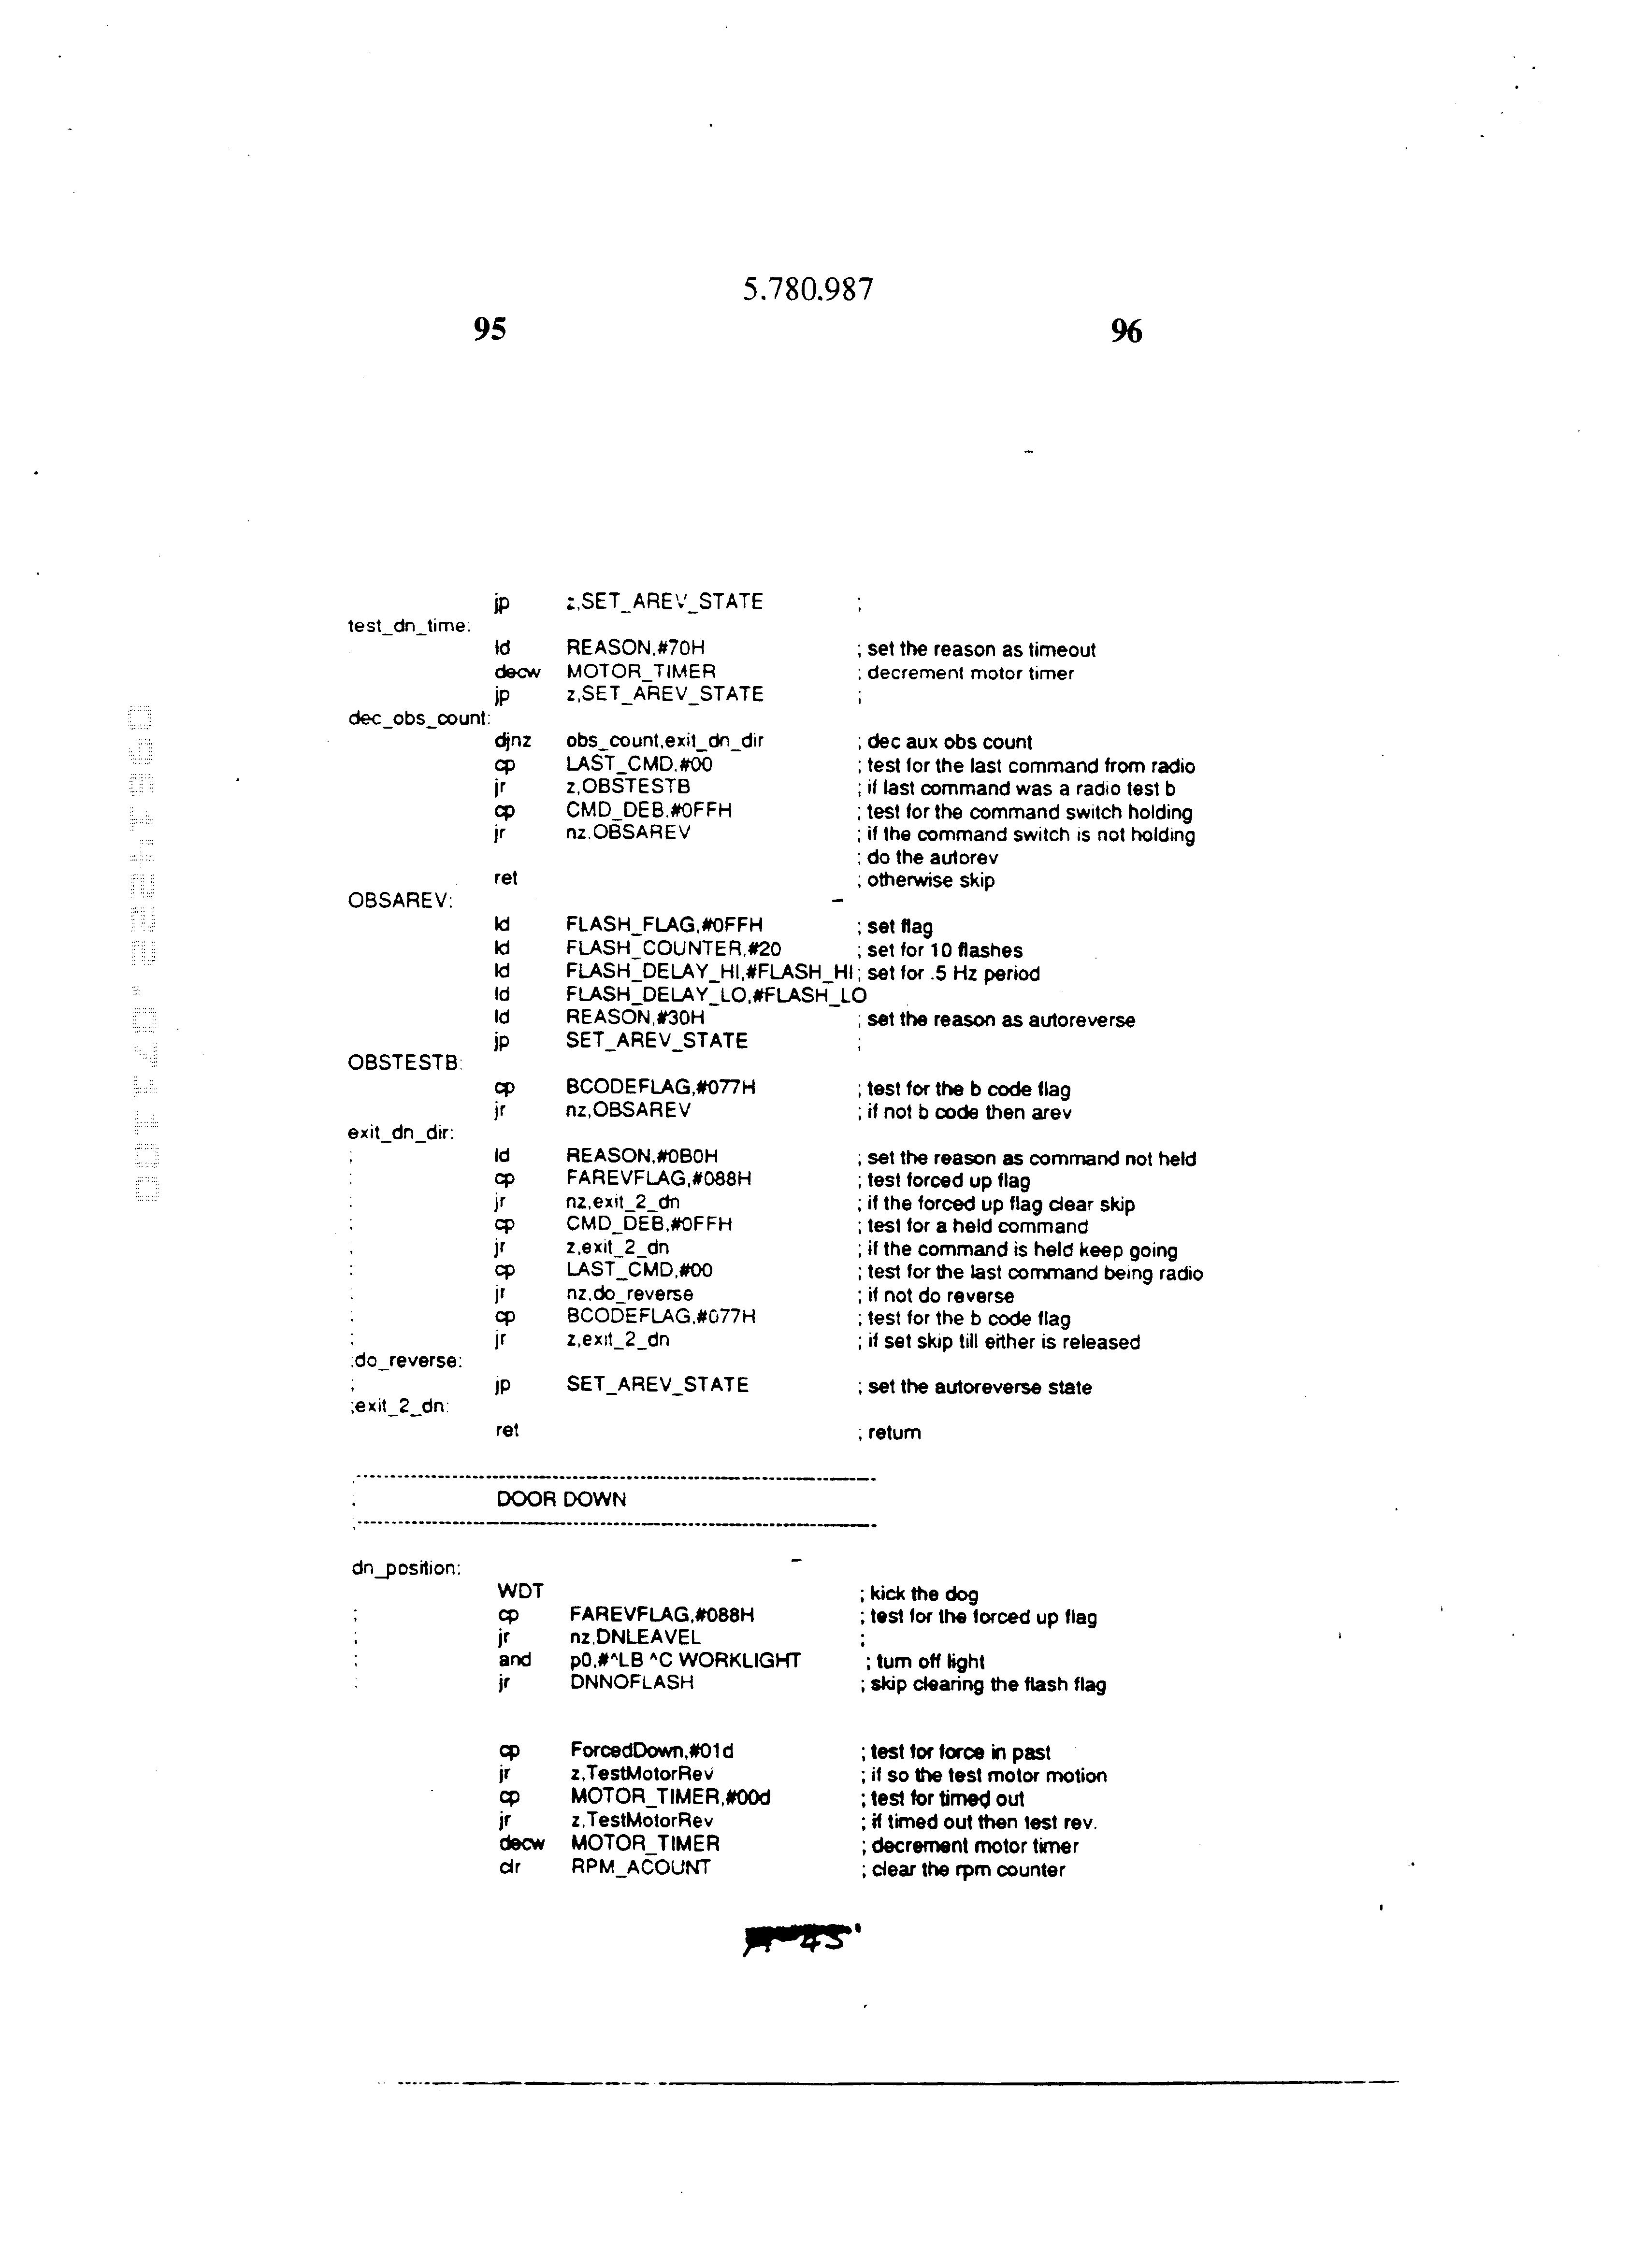 Figure USRE037784-20020709-P00045